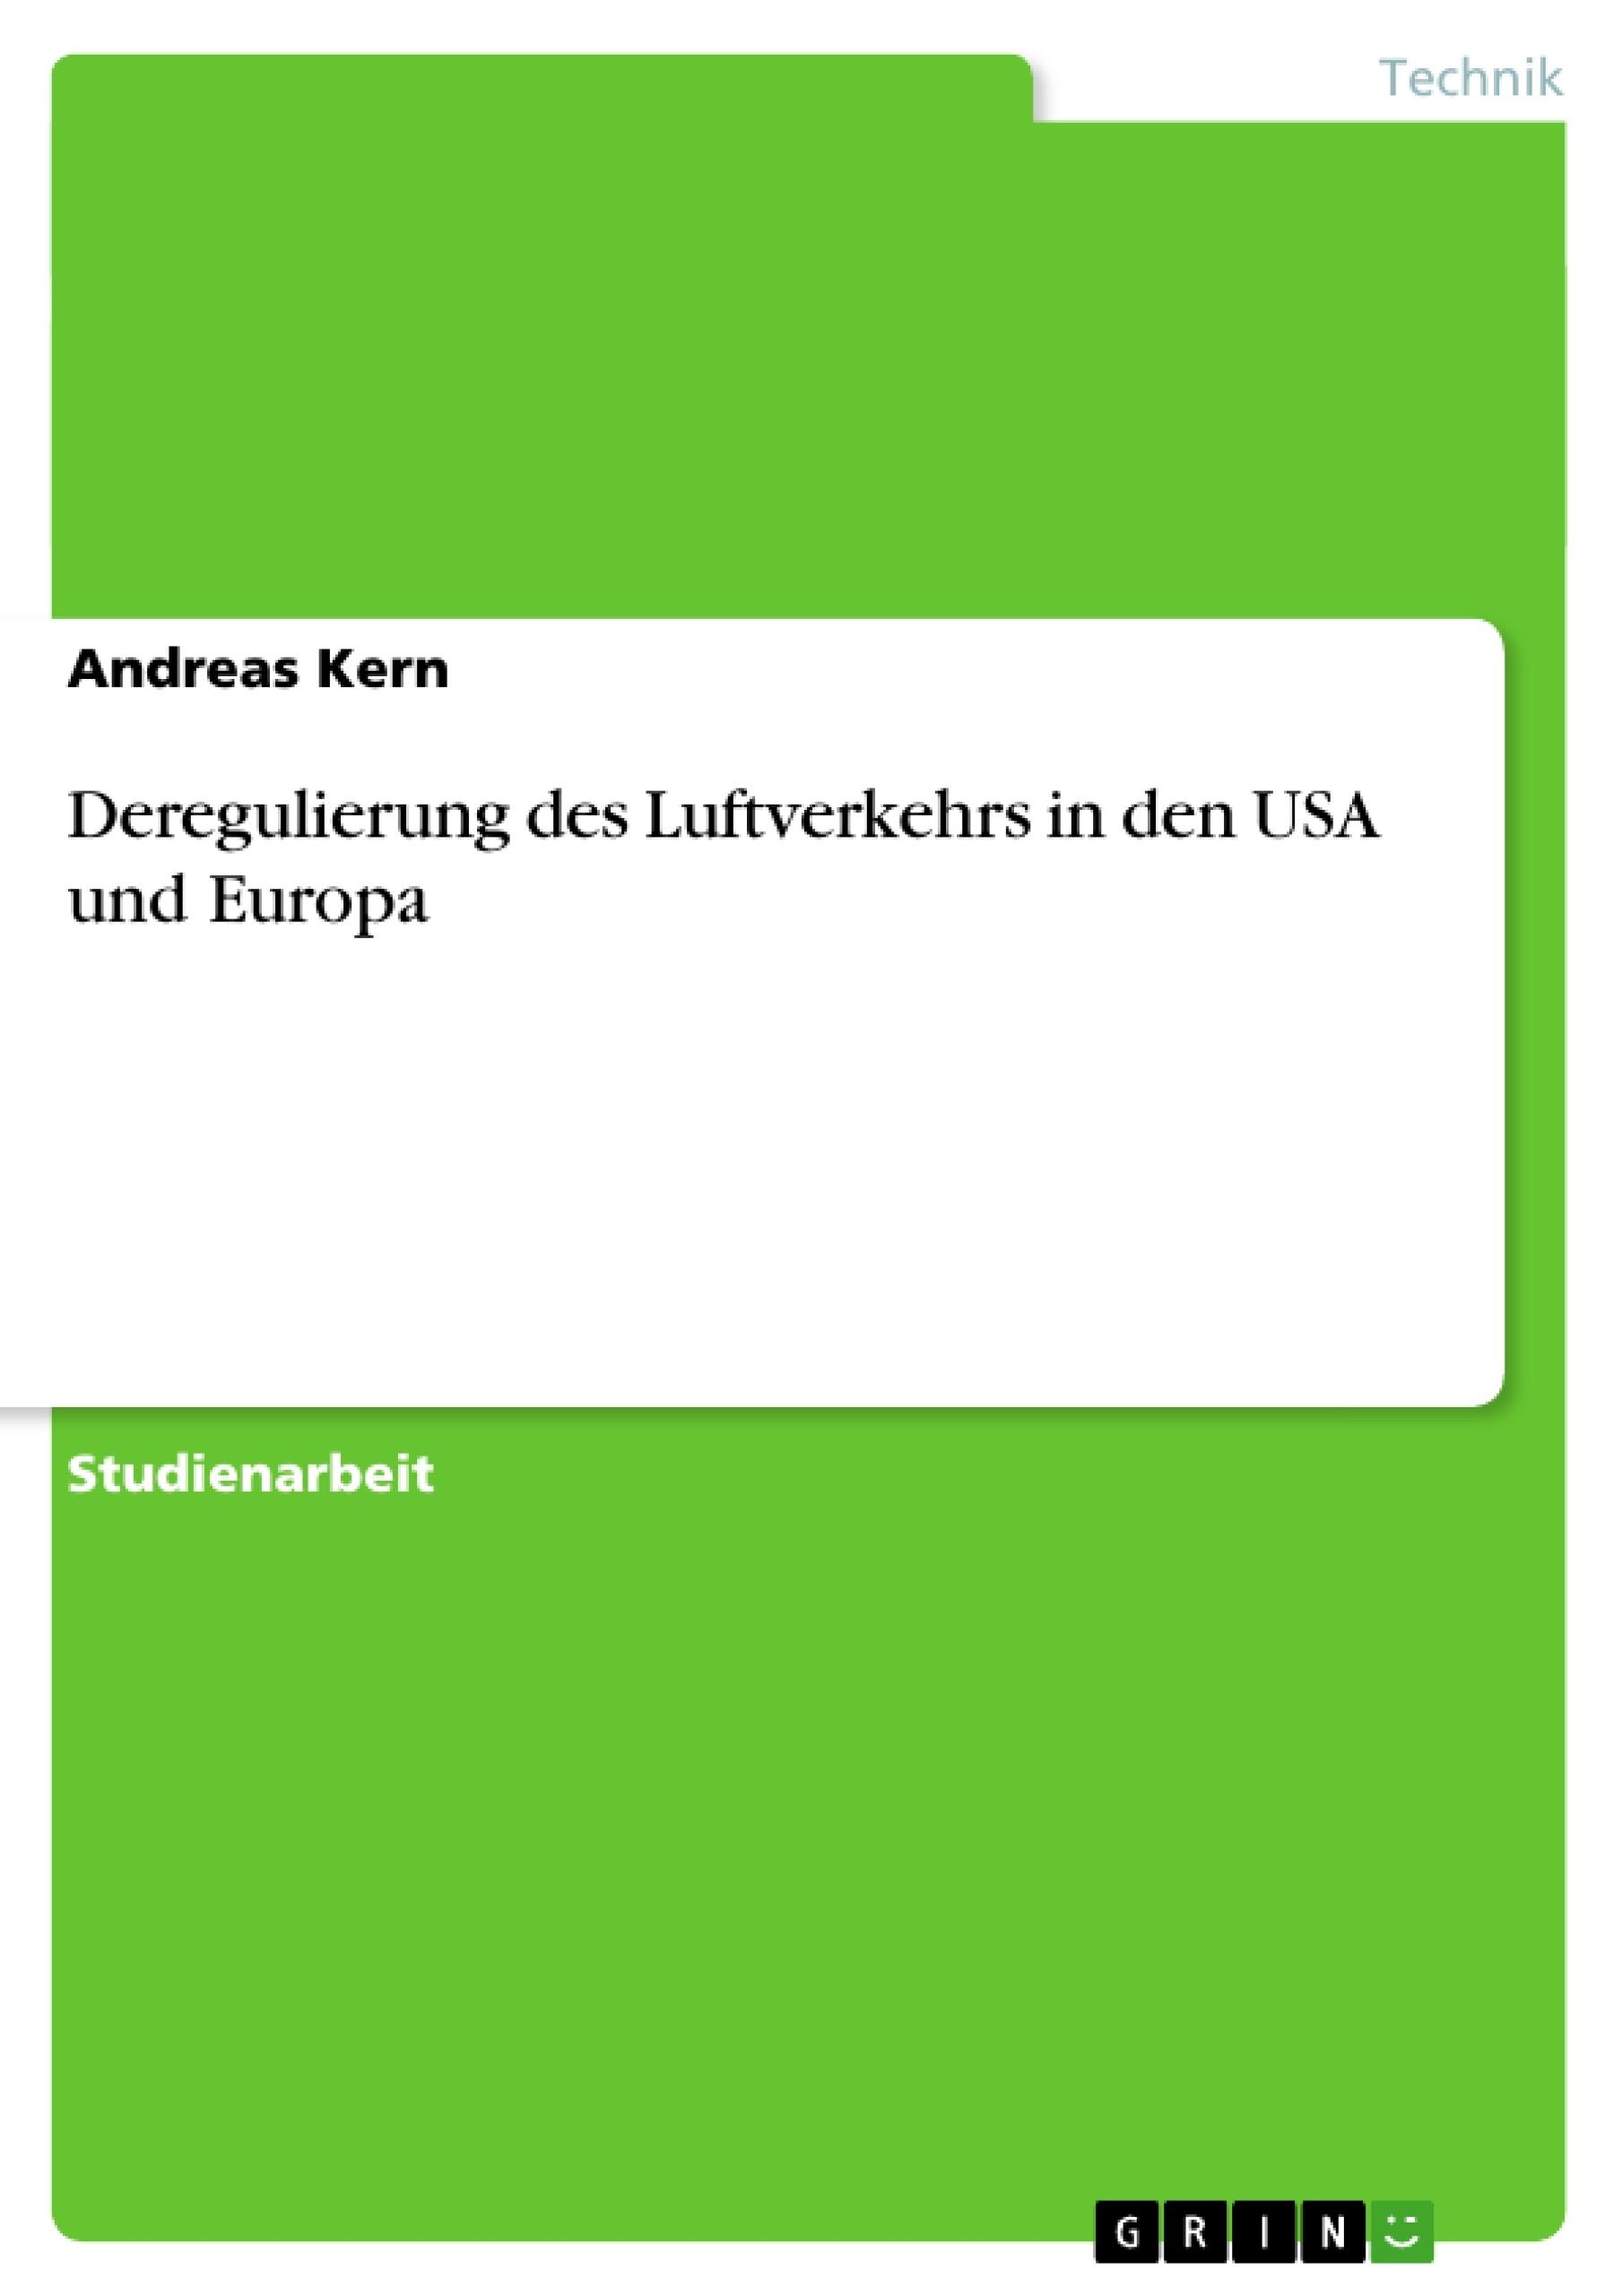 Titel: Deregulierung des Luftverkehrs in den USA und Europa